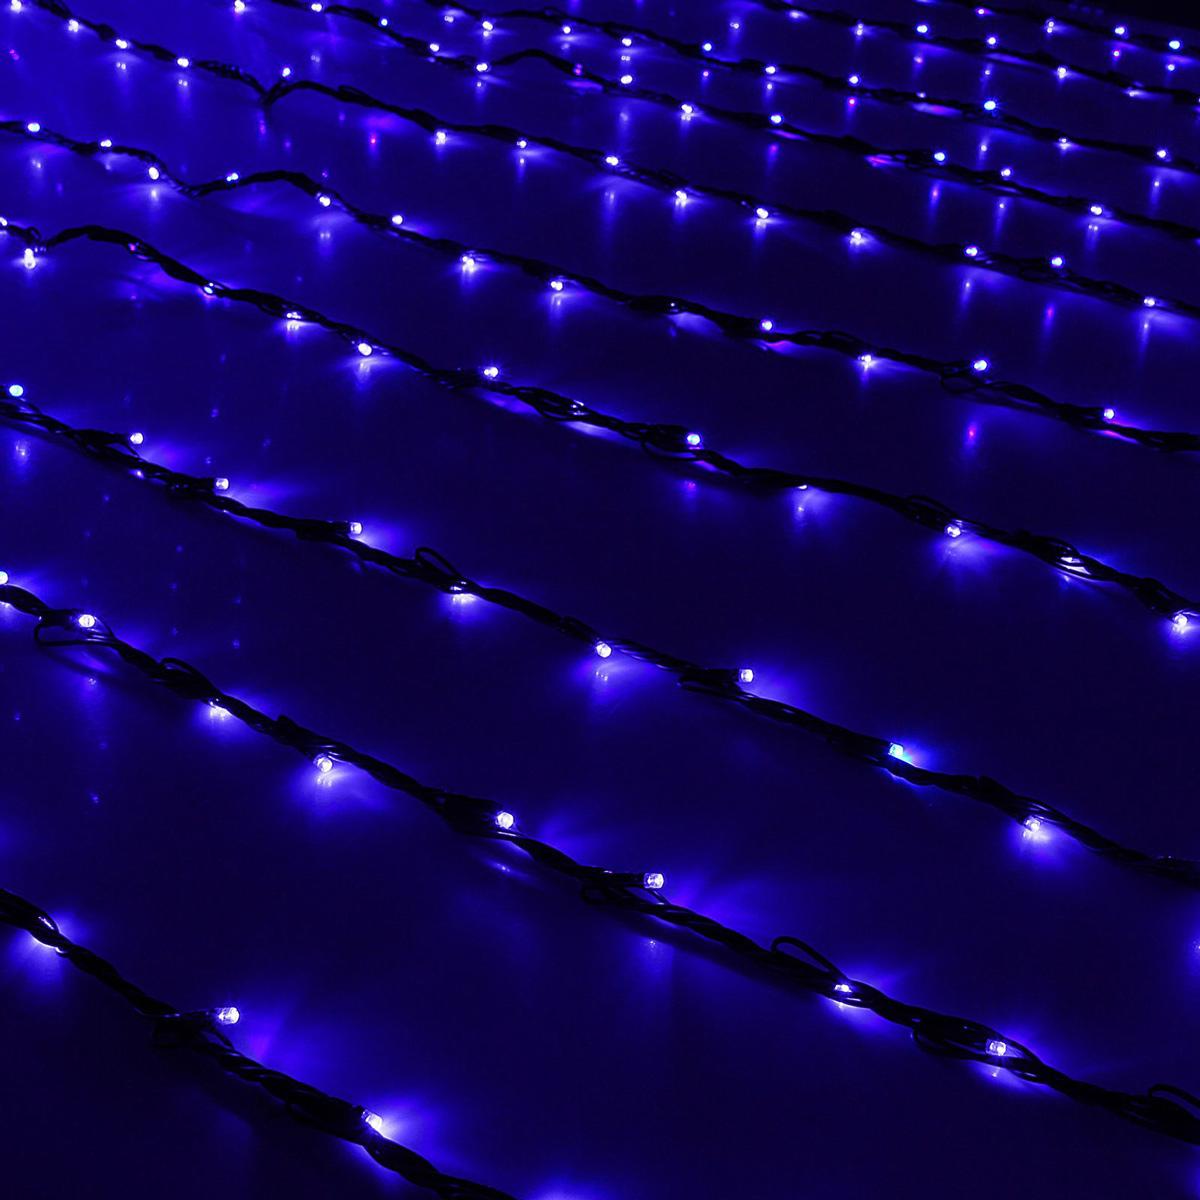 Гирлянда светодиодная Luazon Дождь, уличная, 8 режимов, 2000 ламп, 220 V, цвет: синий, 2 х 9 м. 10801941080194Светодиодные гирлянды, ленты и т.д — это отличный вариант для новогоднего оформления интерьера или фасада. С их помощью помещение любого размера можно превратить в праздничный зал, а внешние элементы зданий, украшенные ими, мгновенно станут напоминать очертания сказочного дворца. Такие украшения создают ауру предвкушения чуда. Деревья, фасады, витрины, окна и арки будто специально созданы, чтобы вы украсили их светящимися нитями.